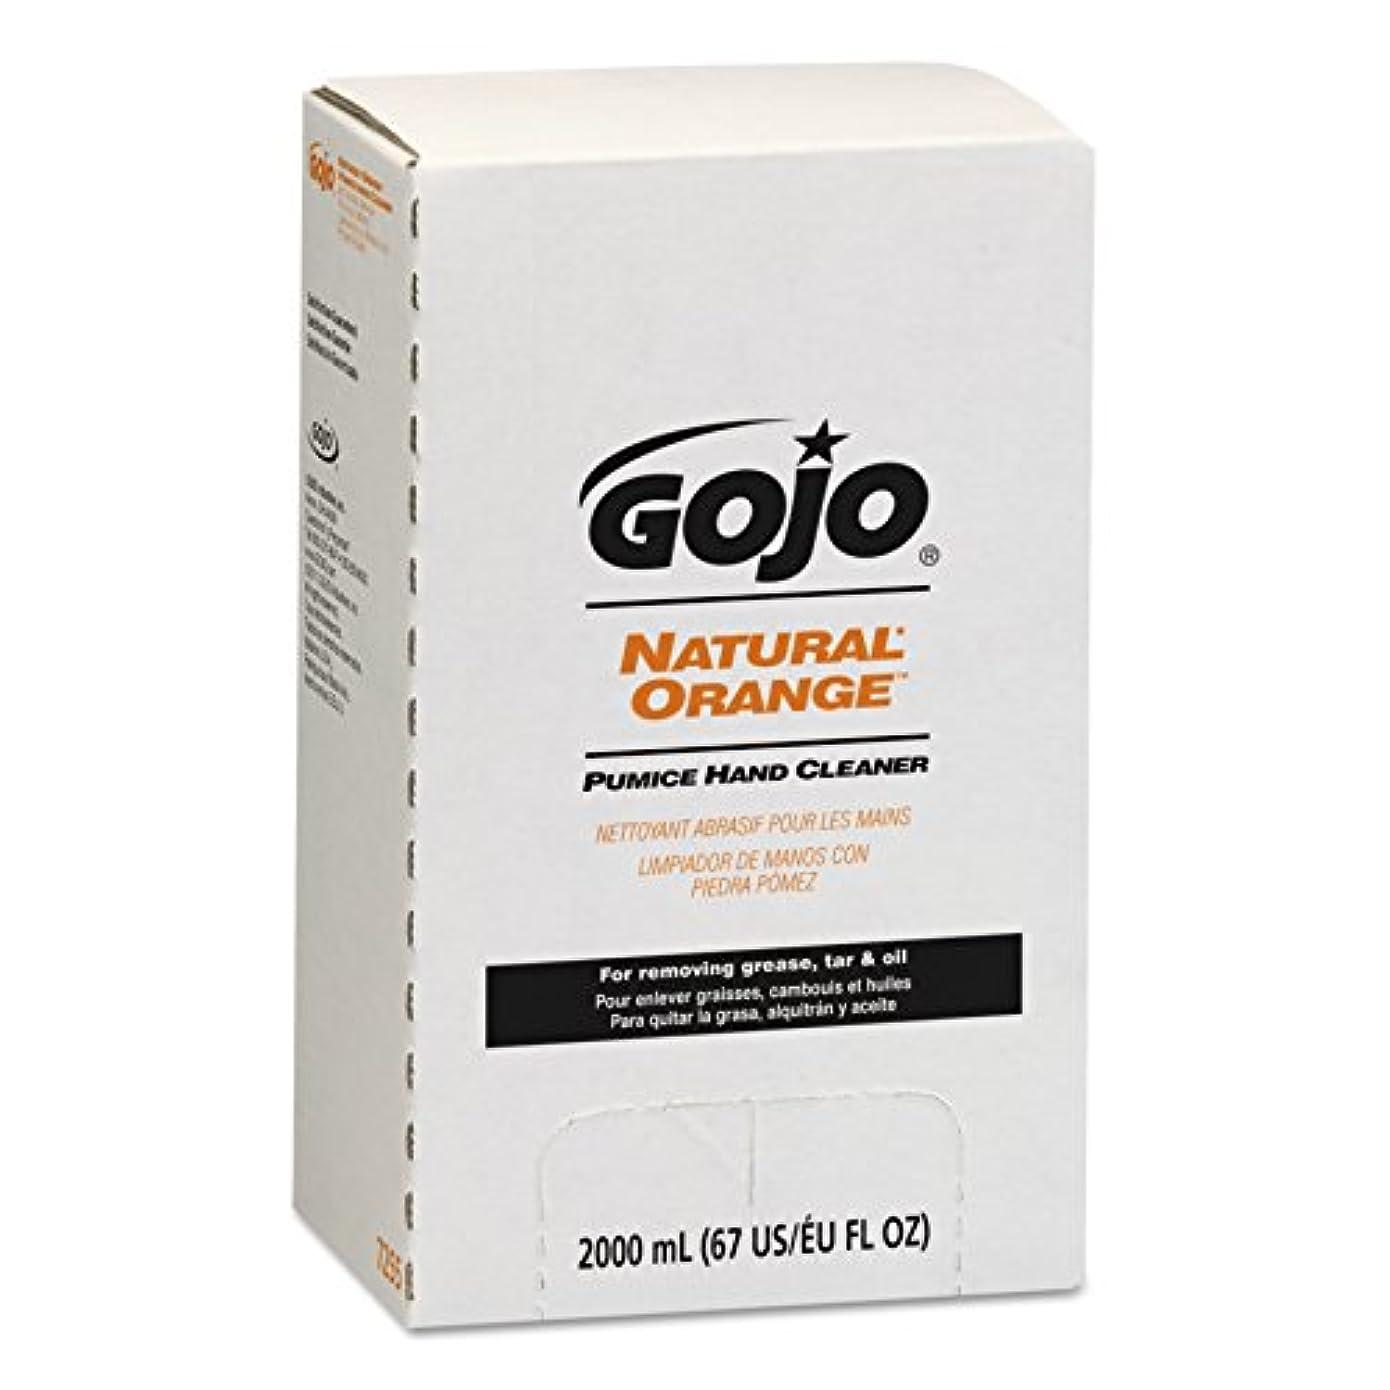 対応するポーズ燃料NATURAL ORANGE Pumice Hand Cleaner Refill, Citrus Scent, 2000 mL, 4/Carton (並行輸入品)